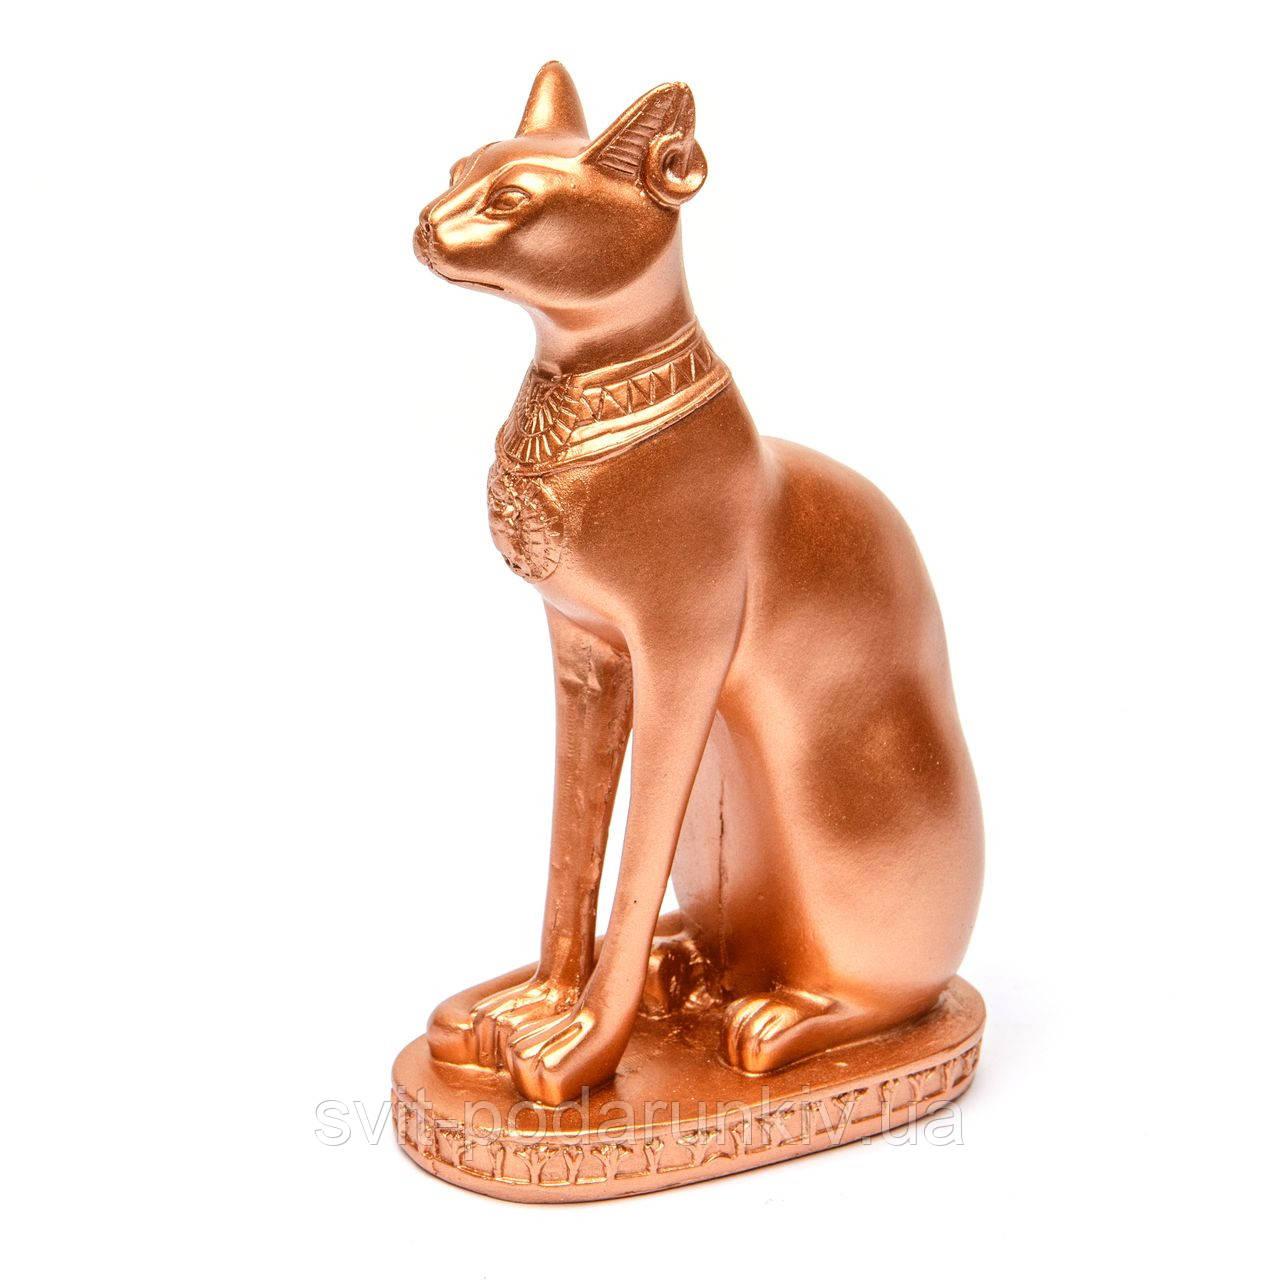 Статуэтка кота из Египта S7876 - 7,5C